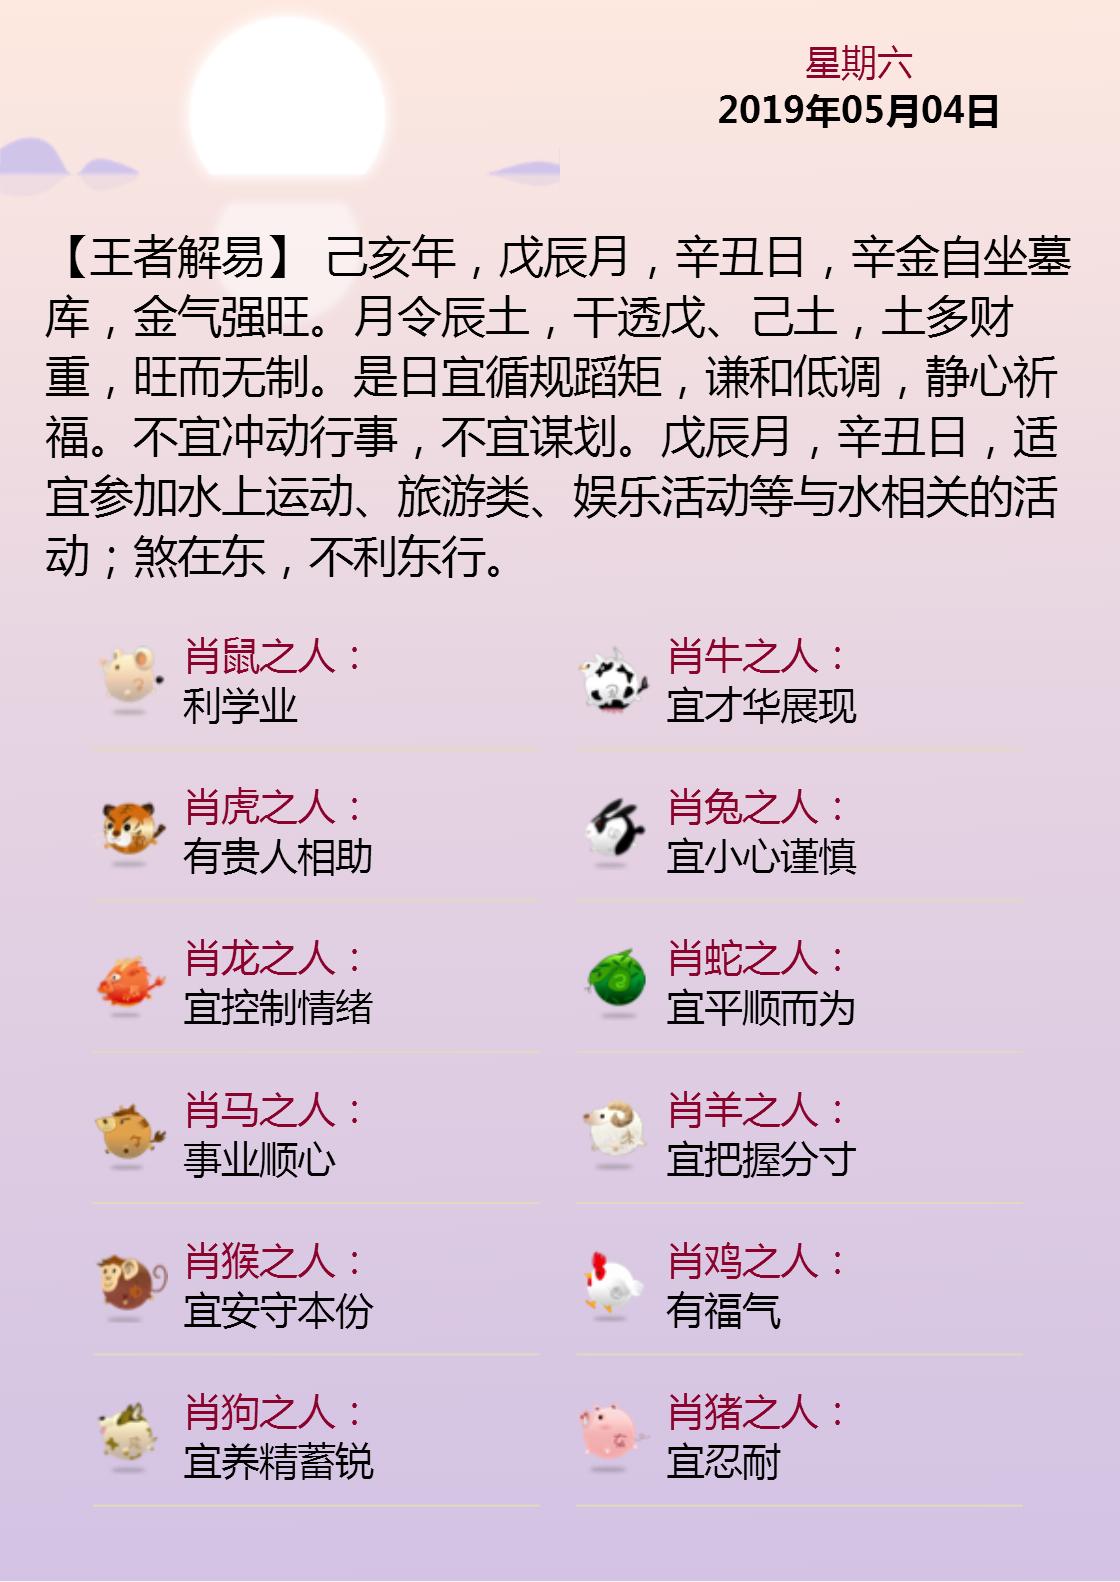 黄历海报20190504.png